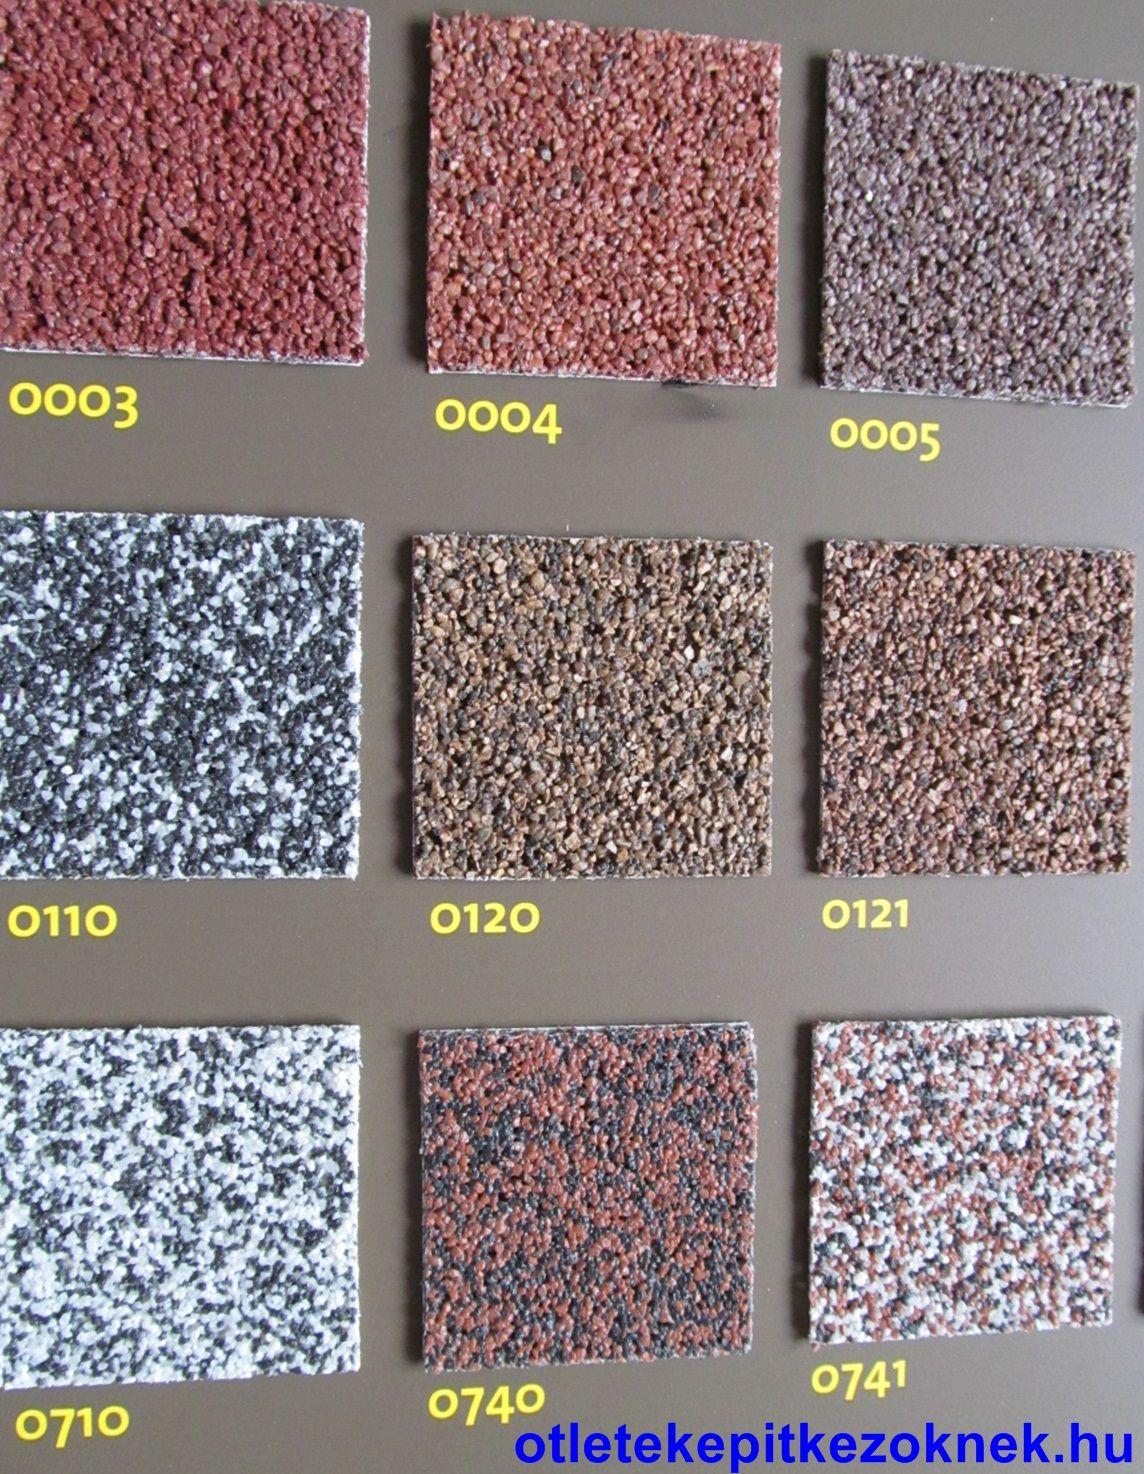 weber-terranova színes díszítő lábazati vakolatai